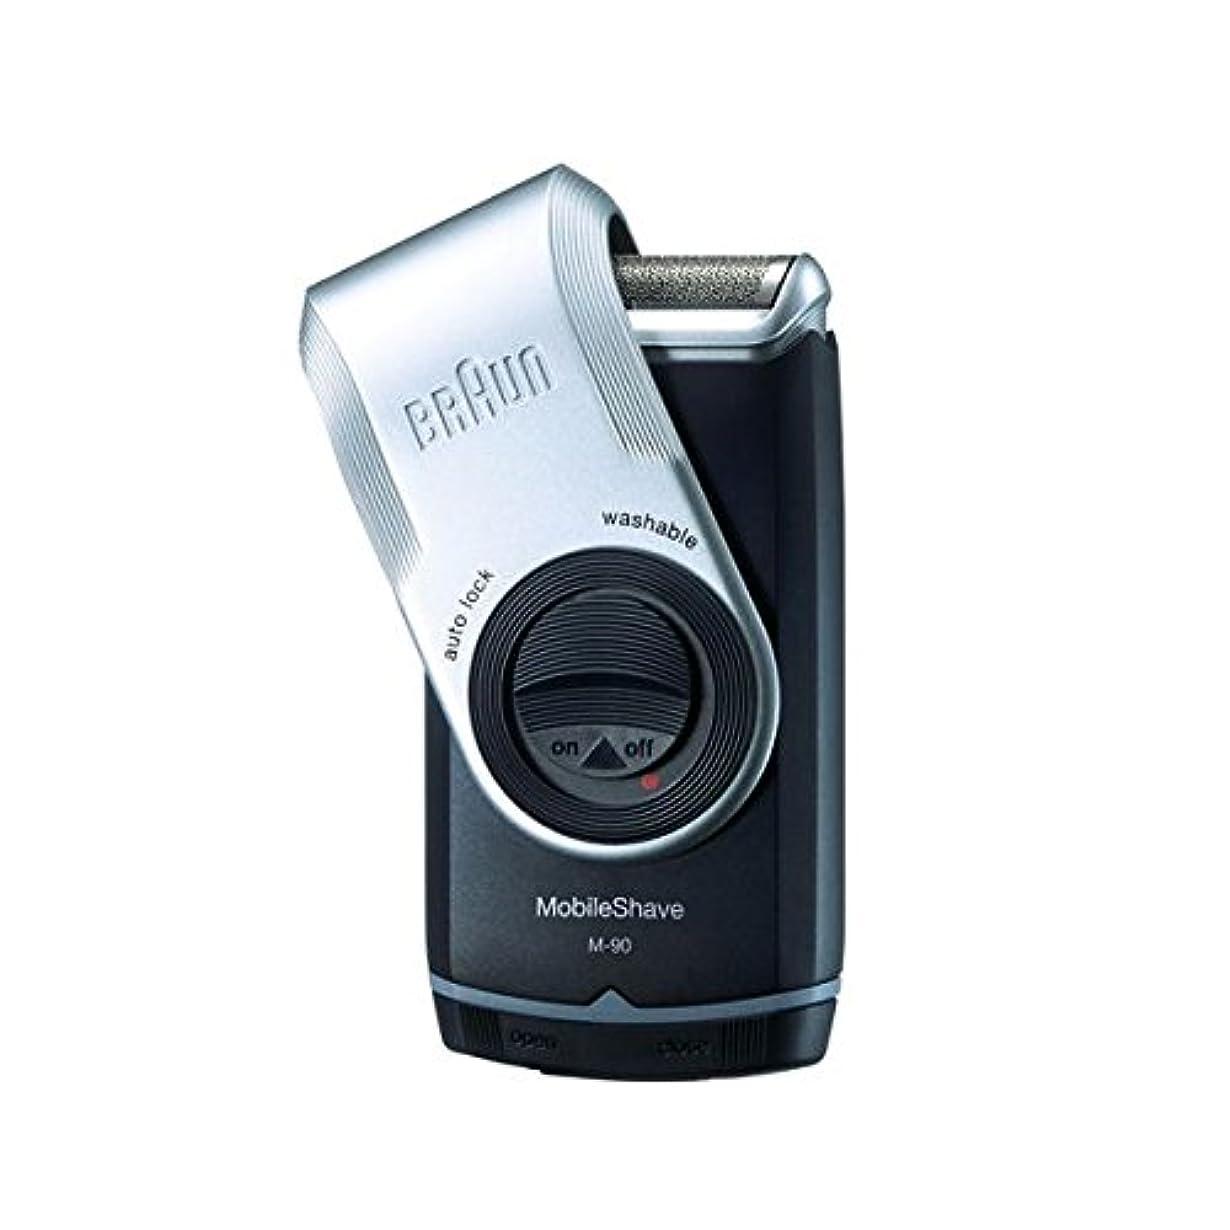 BRAUN(ブラウン) シェーバー モバイルシェーブ(携帯型) M-90 ds-792921